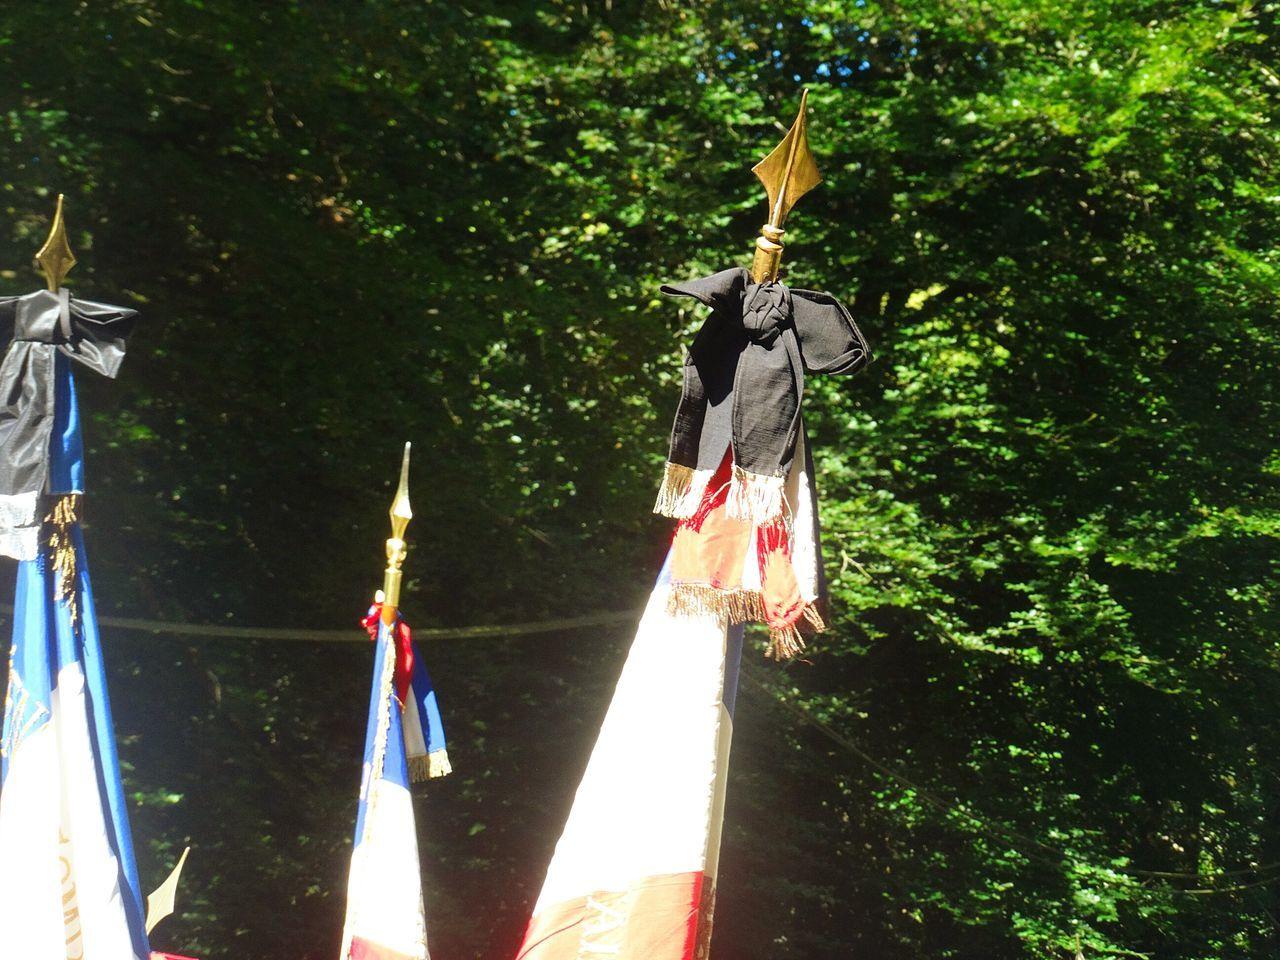 Vive La France! France French French Flag Flag Mourning Aftermath Black Black Ribbon Nation national pride